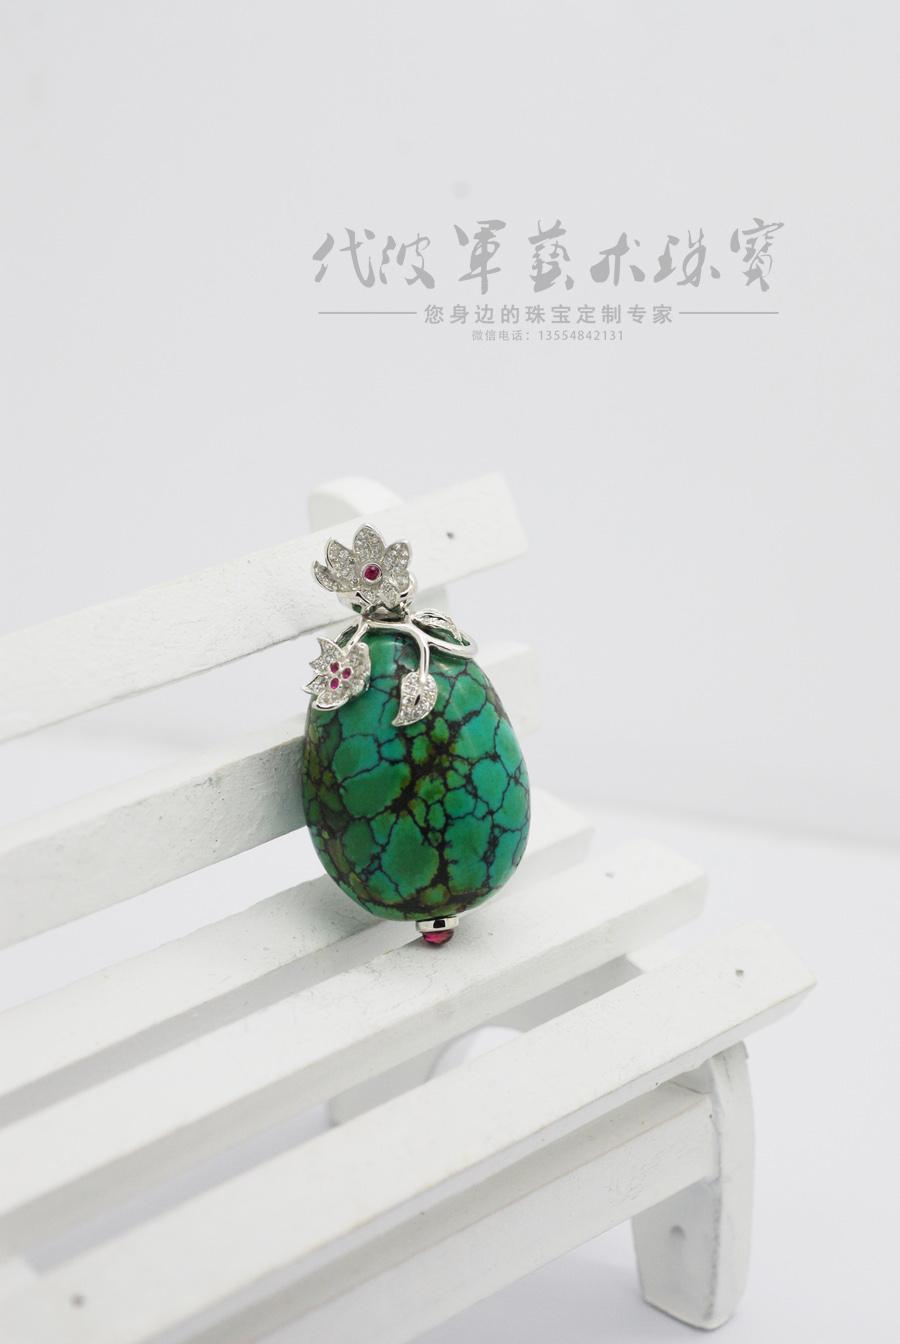 查看《代波军艺术珠宝定制----   一件绿松美丽一个女人作品欣赏》原图,原图尺寸:900x1344